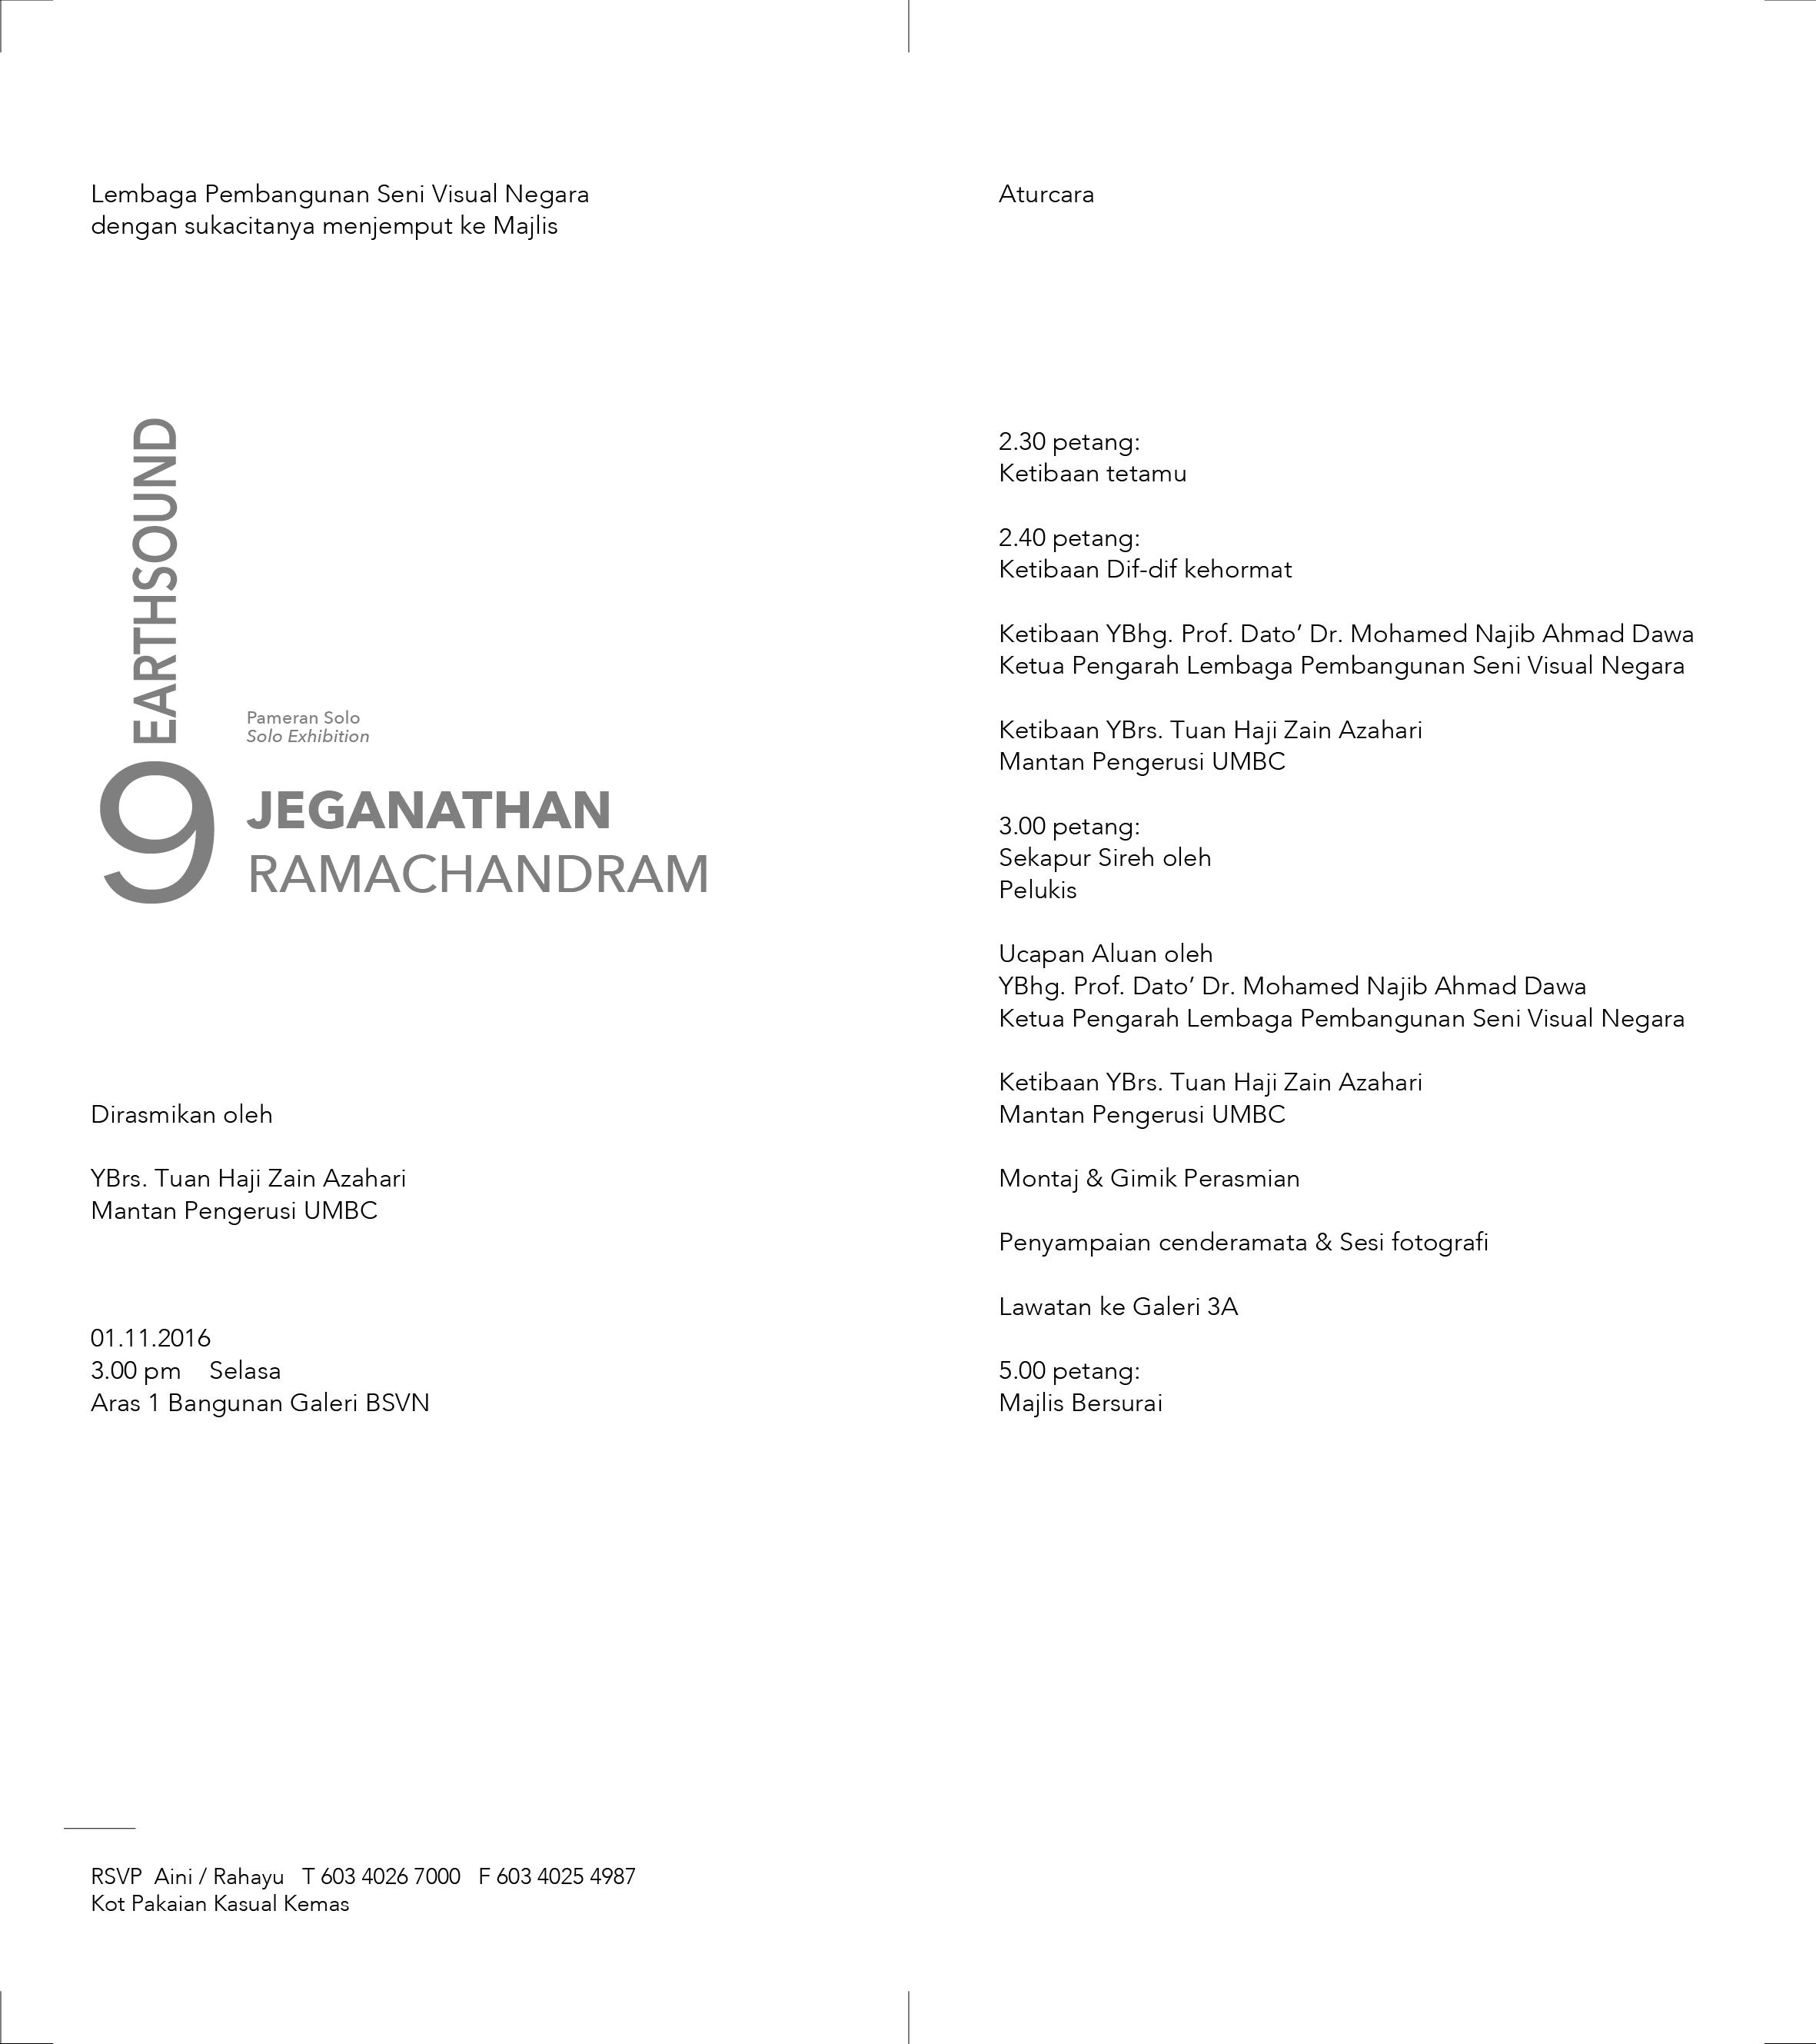 Pengumuman Pameran Jeganathan